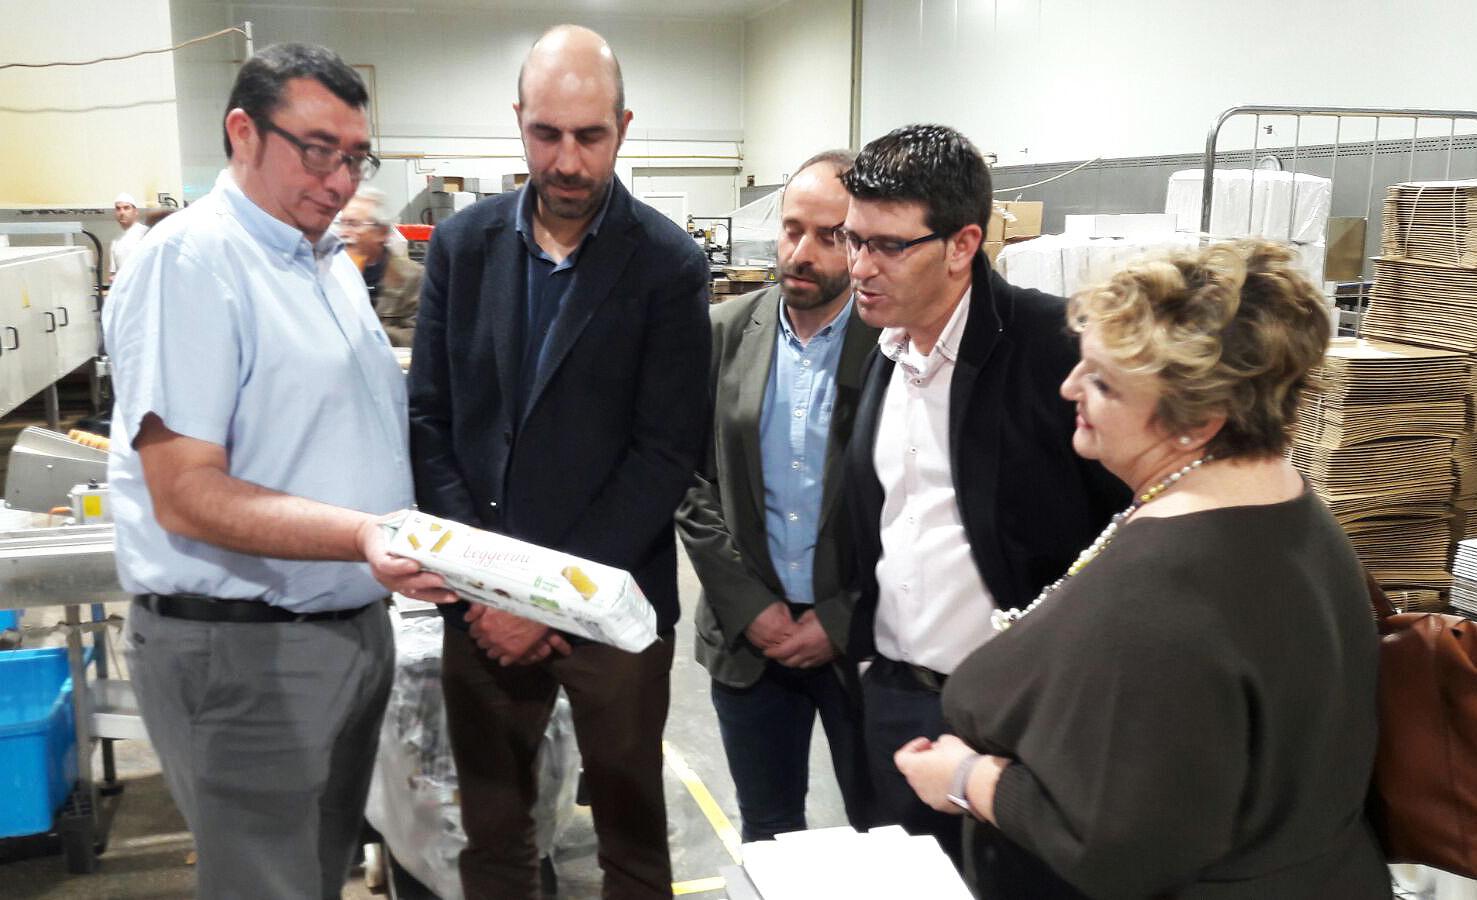 La subvención de 100.000 euros para mejorar la interconexión de las líneas eléctricas de la zona industrial ha permitido a Monteturia aumentar la potencia y mantener su fábrica en Los Serranos.